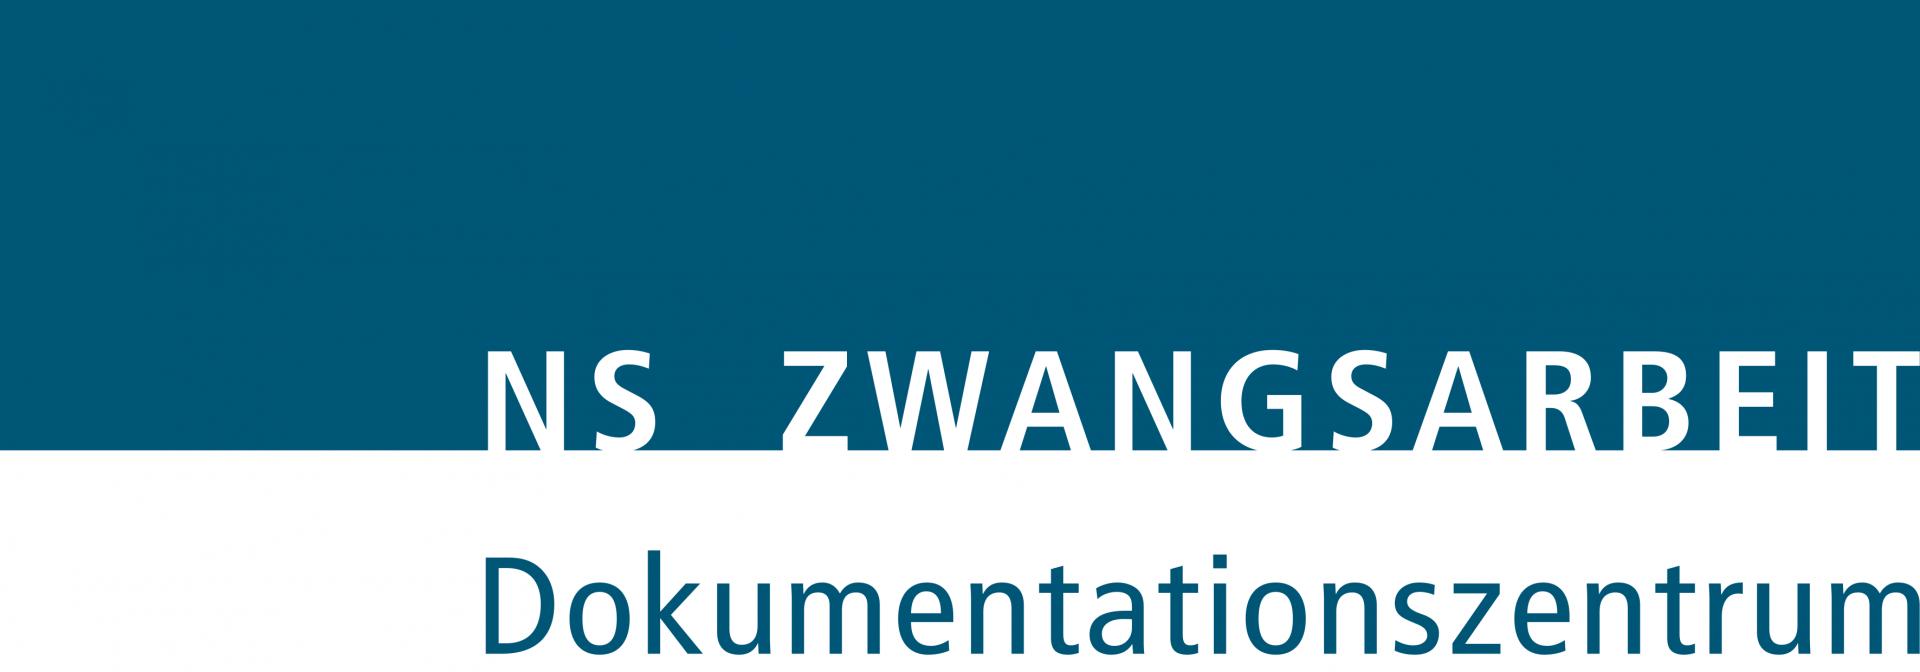 Logo Nsz